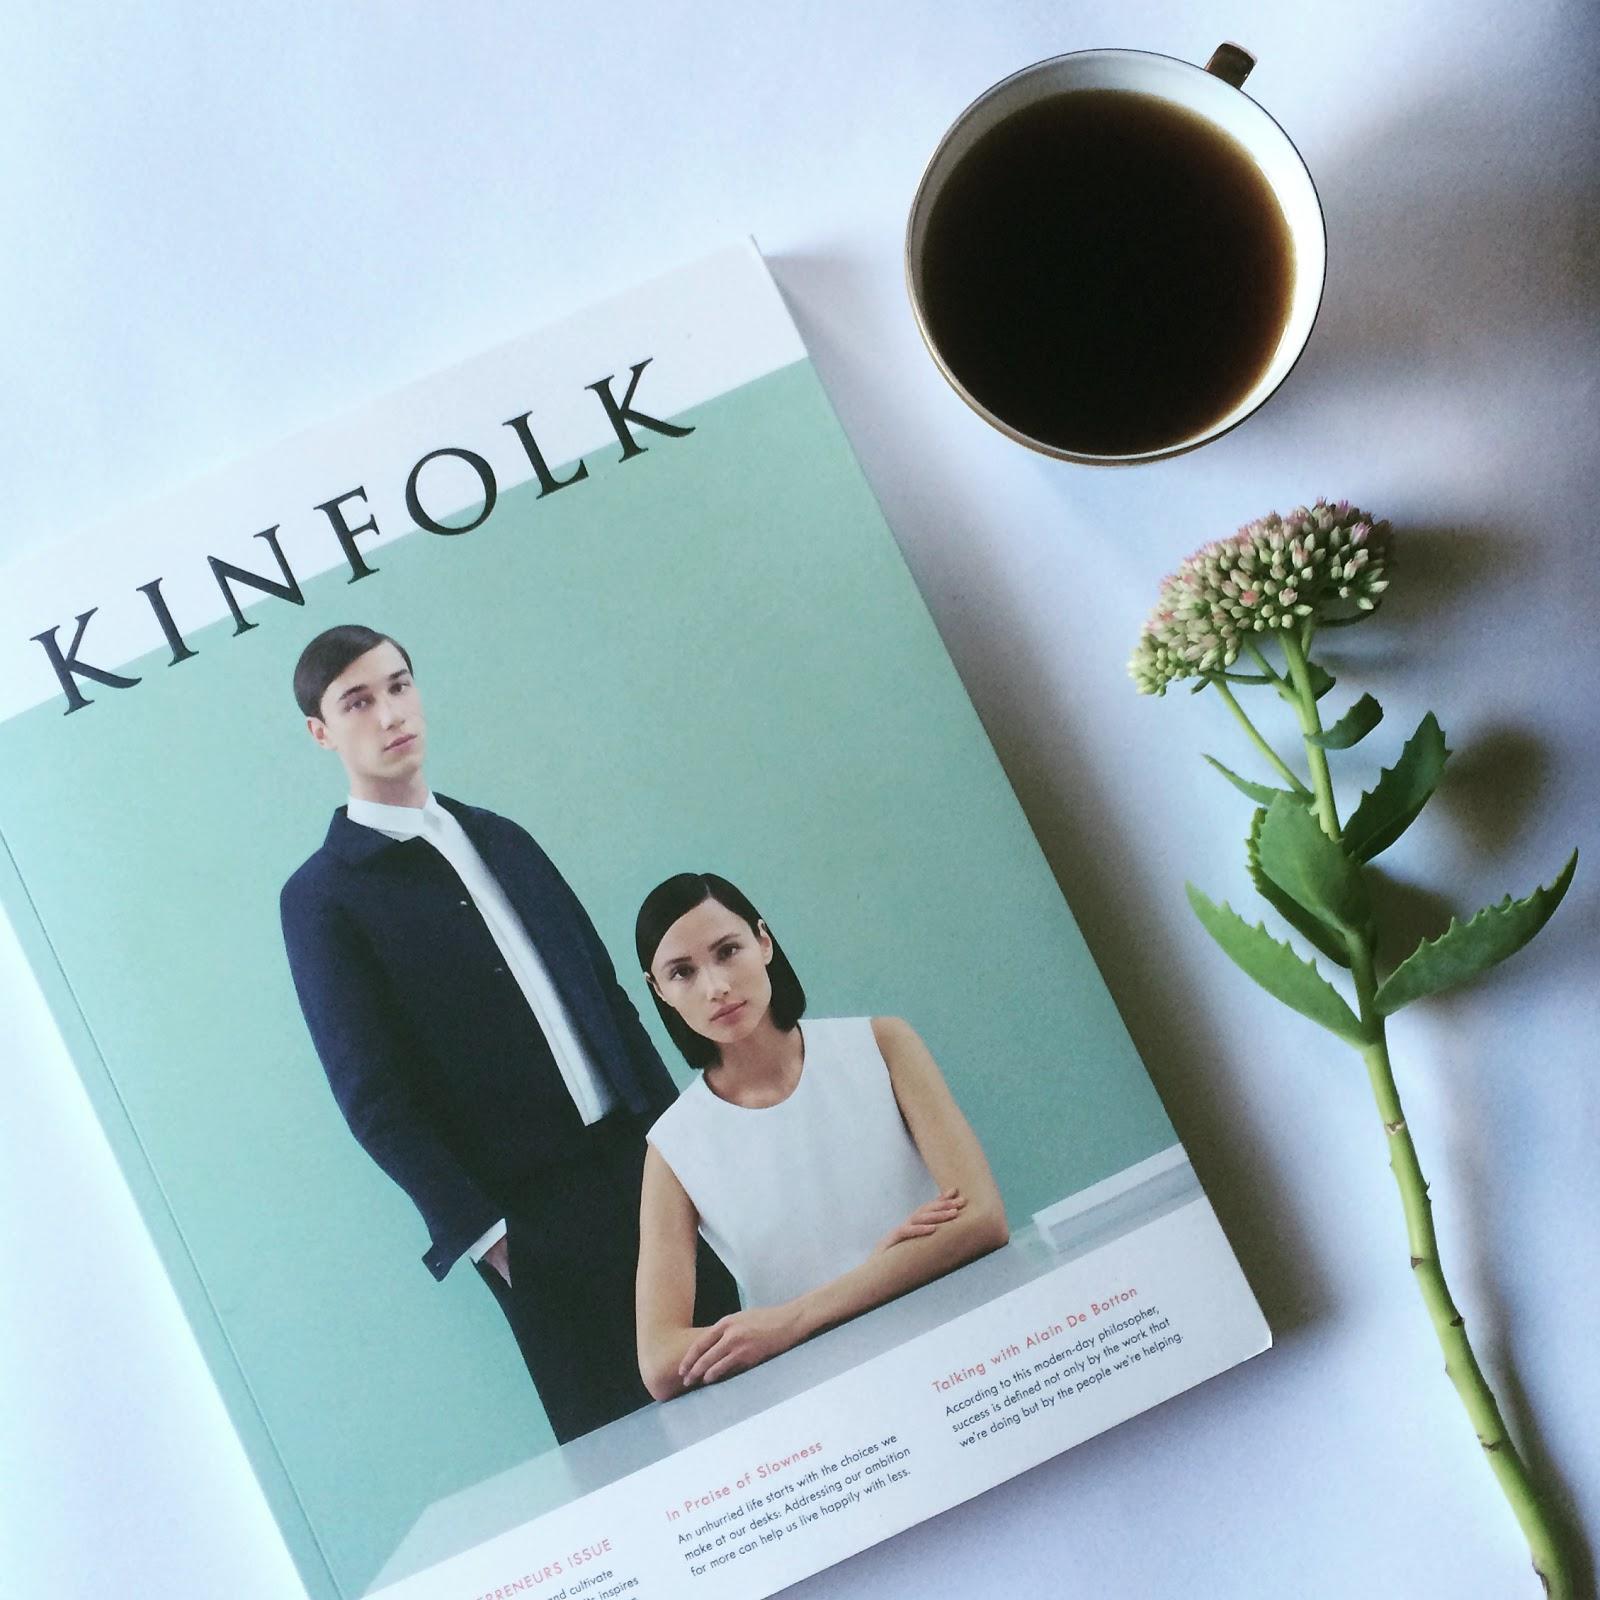 Kinfolk magazine by FASHION ART MEDIA